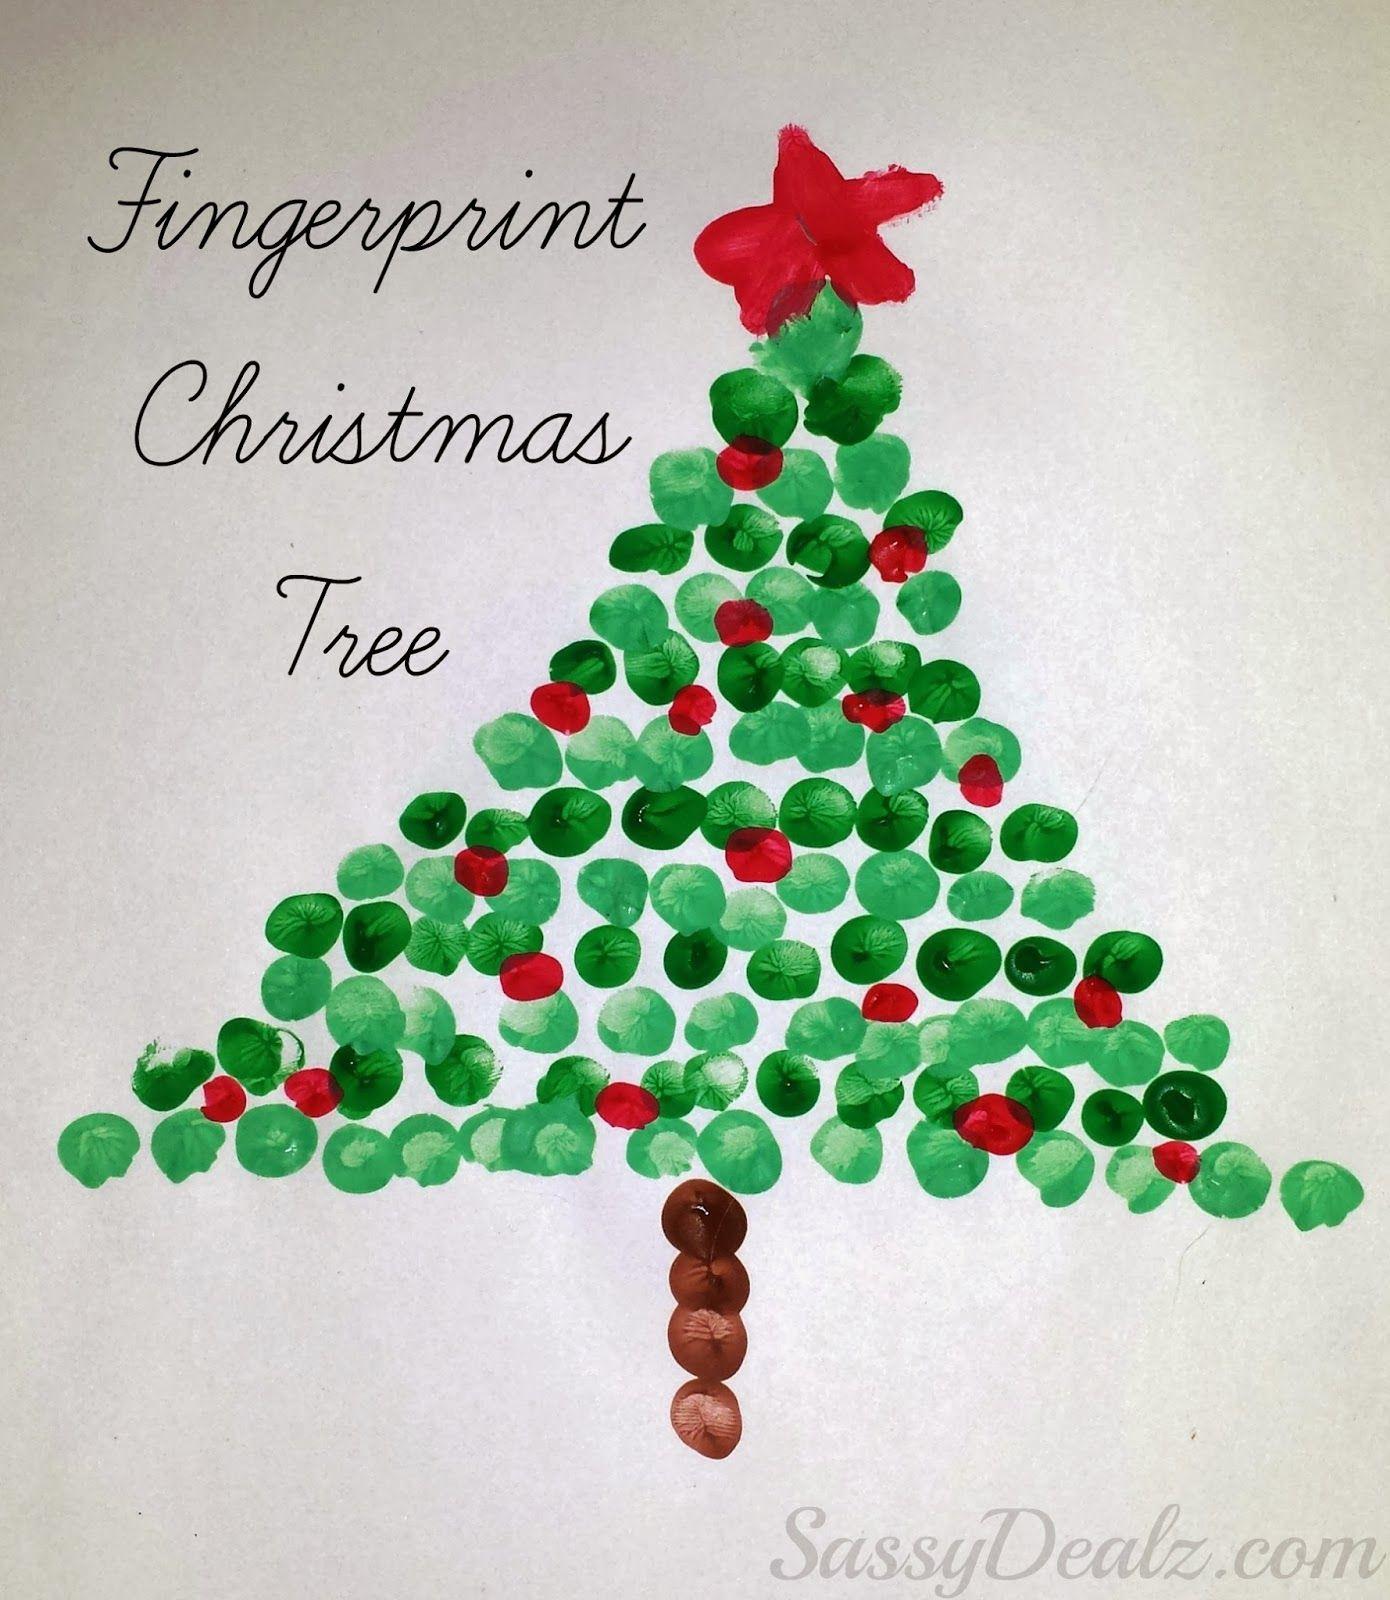 Fingerprint Christmas Tree Craft For Kids | Bricolage De destiné Bricolage De Noel Pour Maternelle